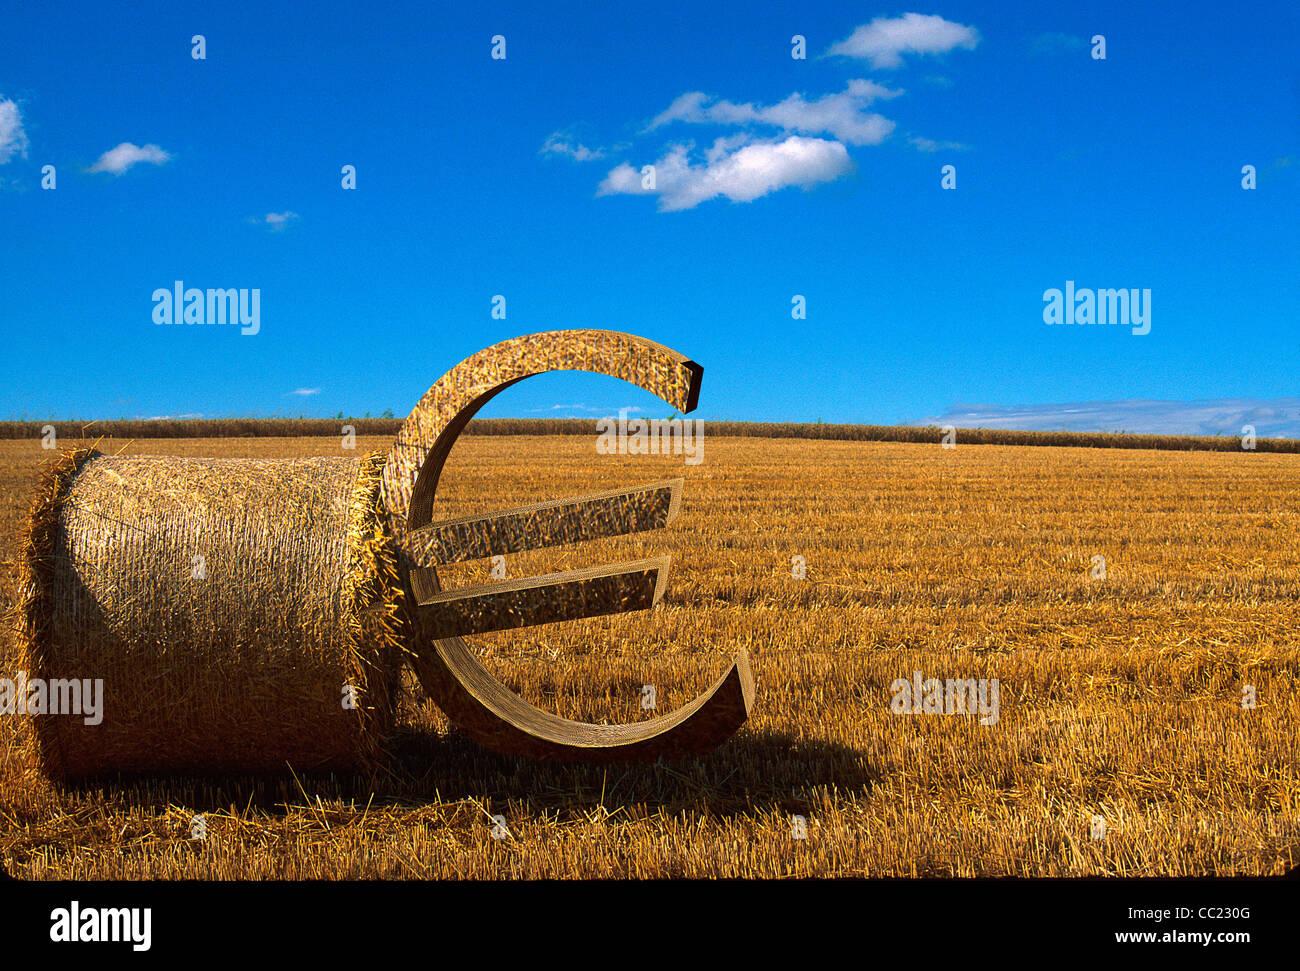 Landwirtschaft / Farming Konzept: Eurozeichen gelehnt einen Ballen Stroh auf einem abgeernteten Weizenfeld Stockbild